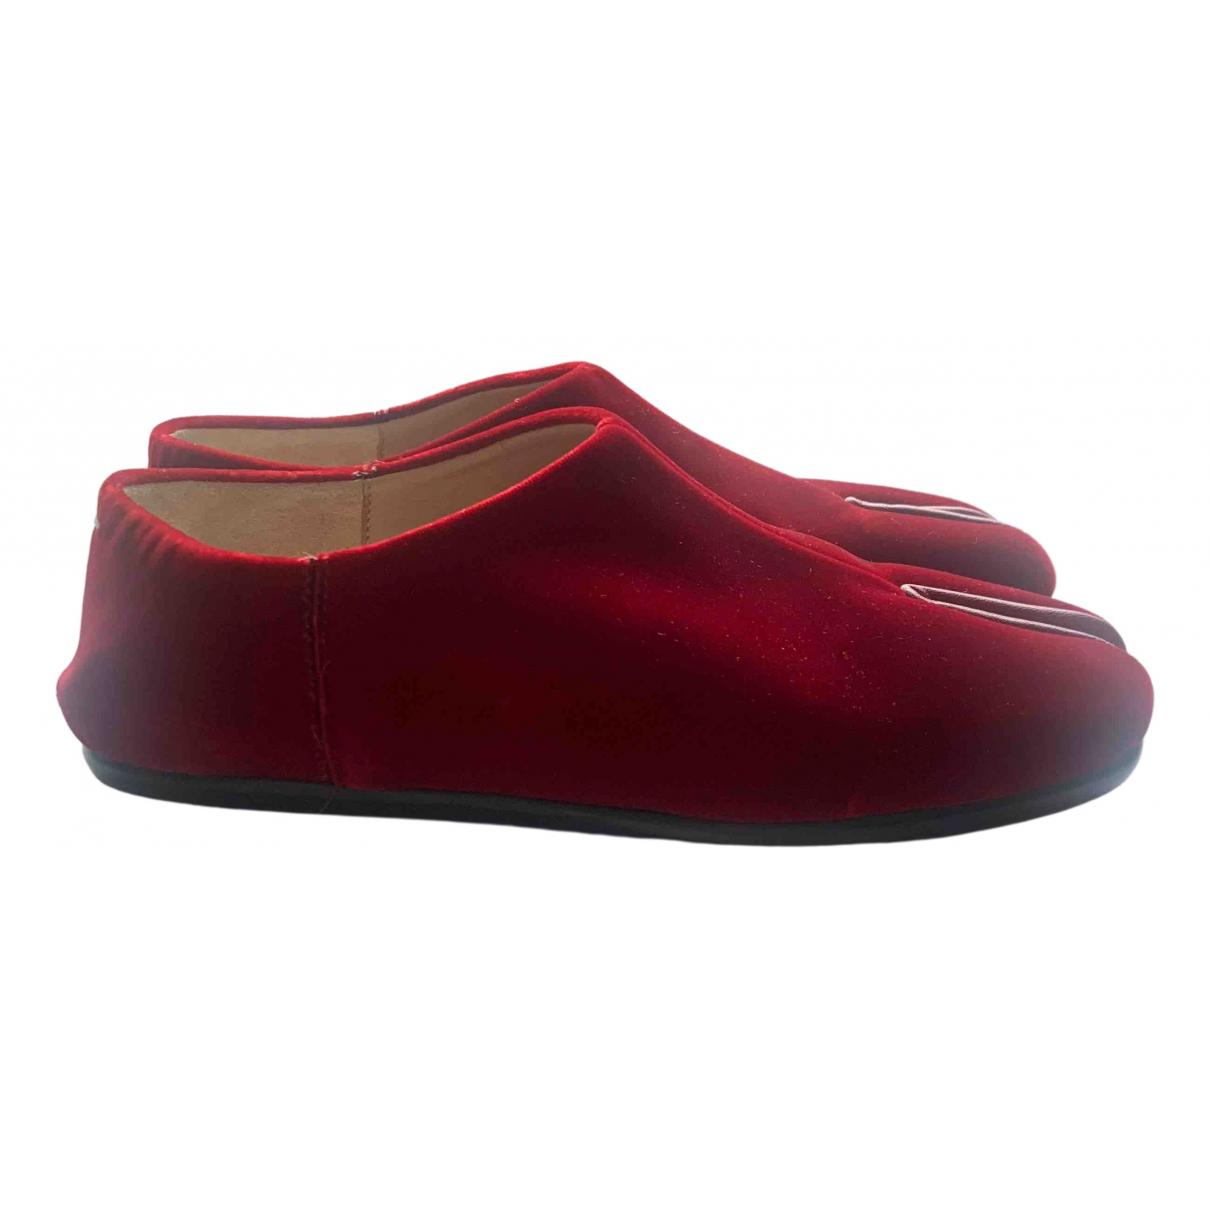 Maison Martin Margiela Tabi Red Velvet Flats for Women 37 EU